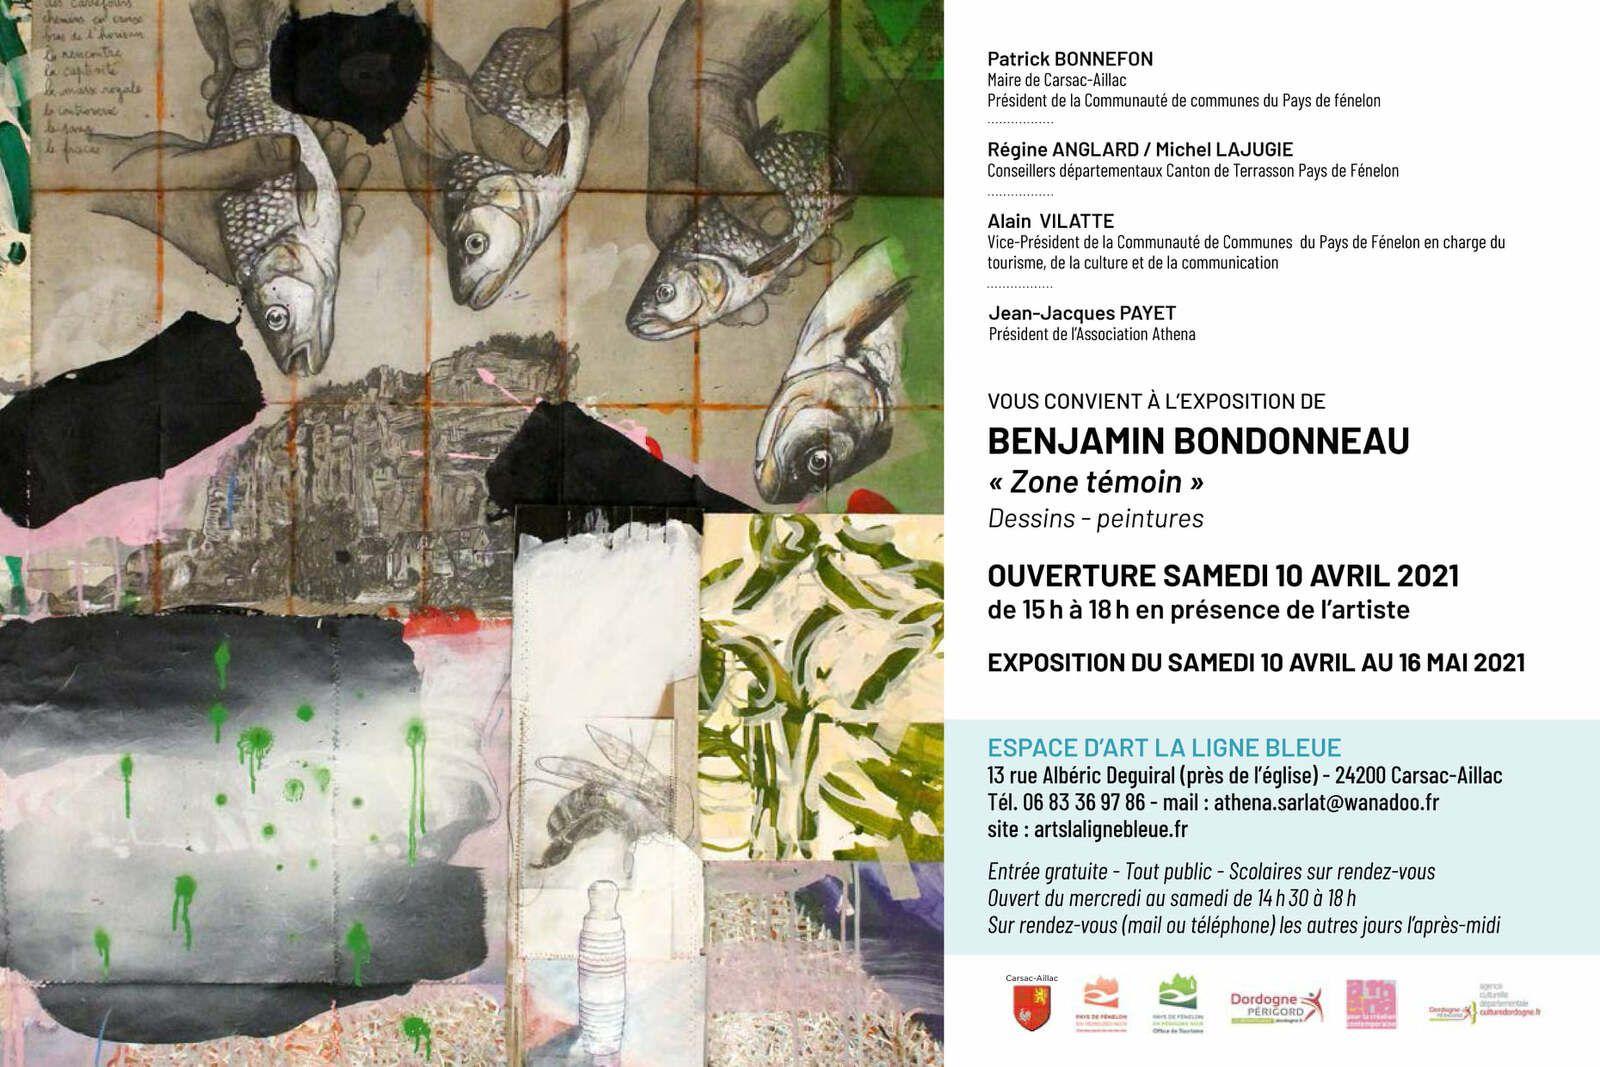 BENJAMIN BONDONNEAU EXPOSE à LA LIGNE BLEUE à CARSAC-AILLAC